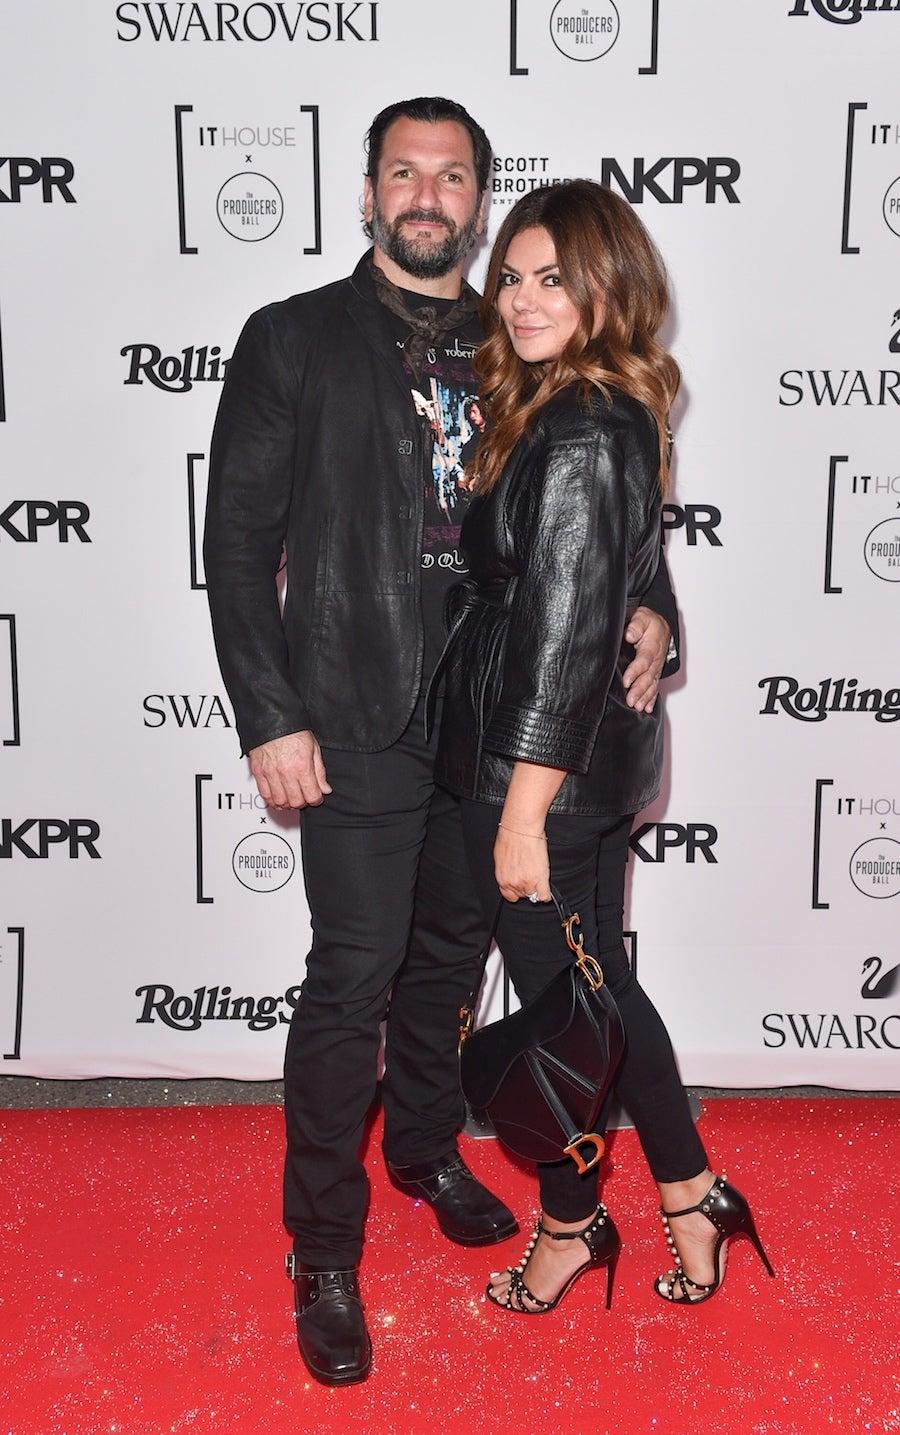 Anthony Mantella and Natasha Koifman - IT House x Producers Ball - TIFF 2018 | SWAGGER Magazine